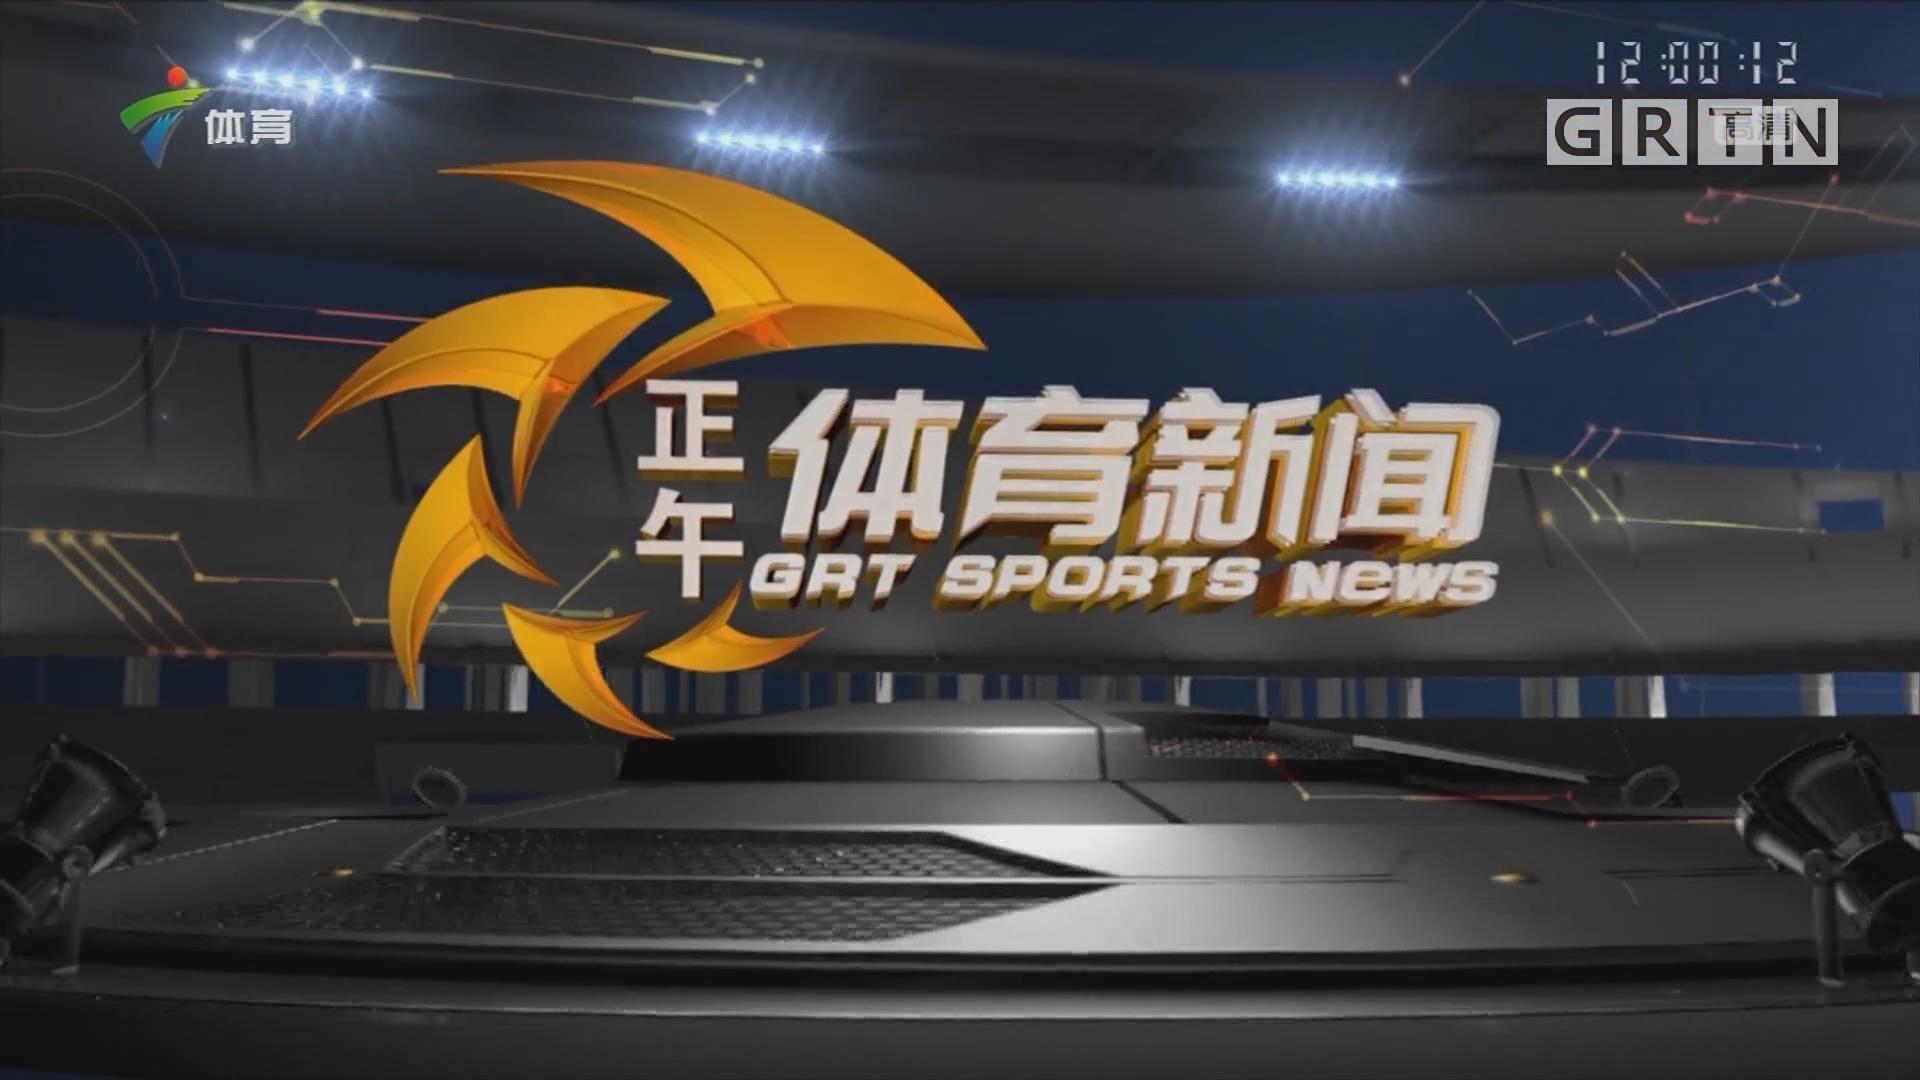 [HD][2019-10-02]正午体育新闻:历史最佳!谢震业获男子200米第七名!